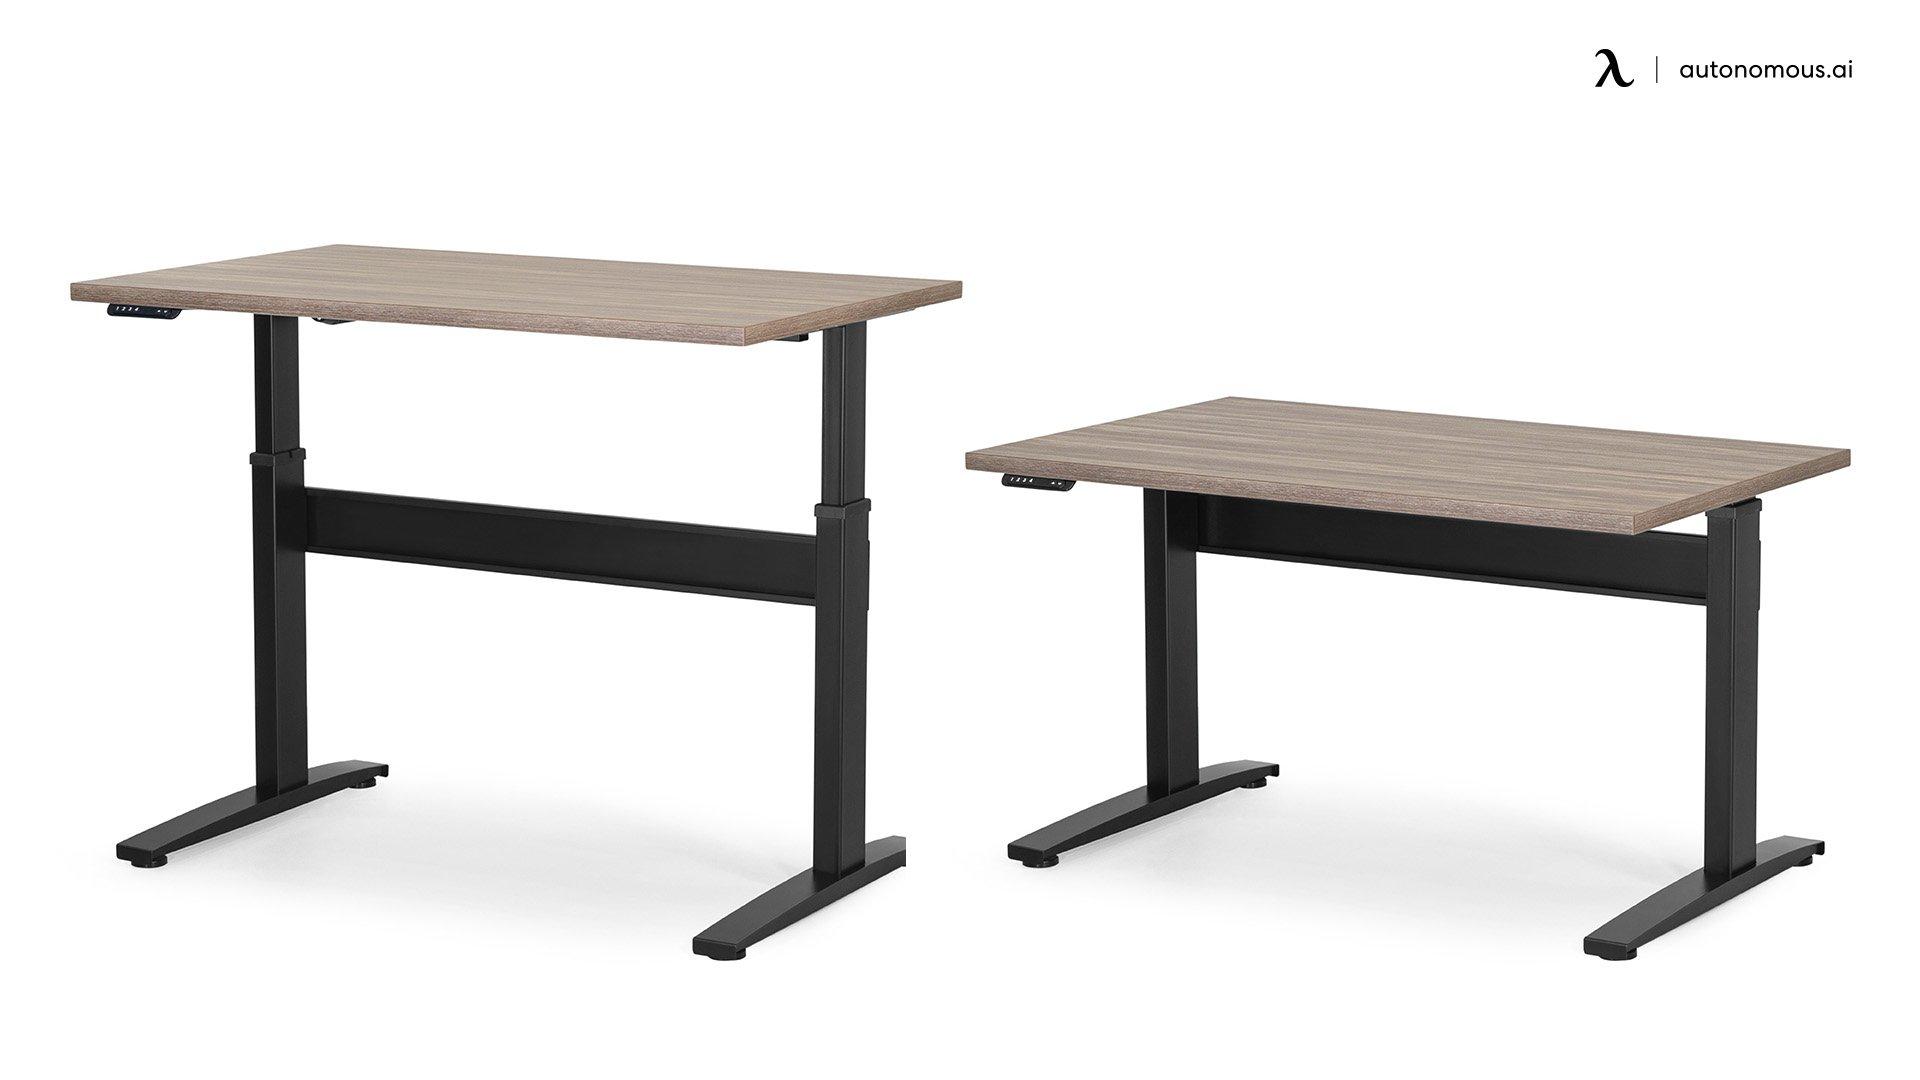 Vertdesk Standing Desk